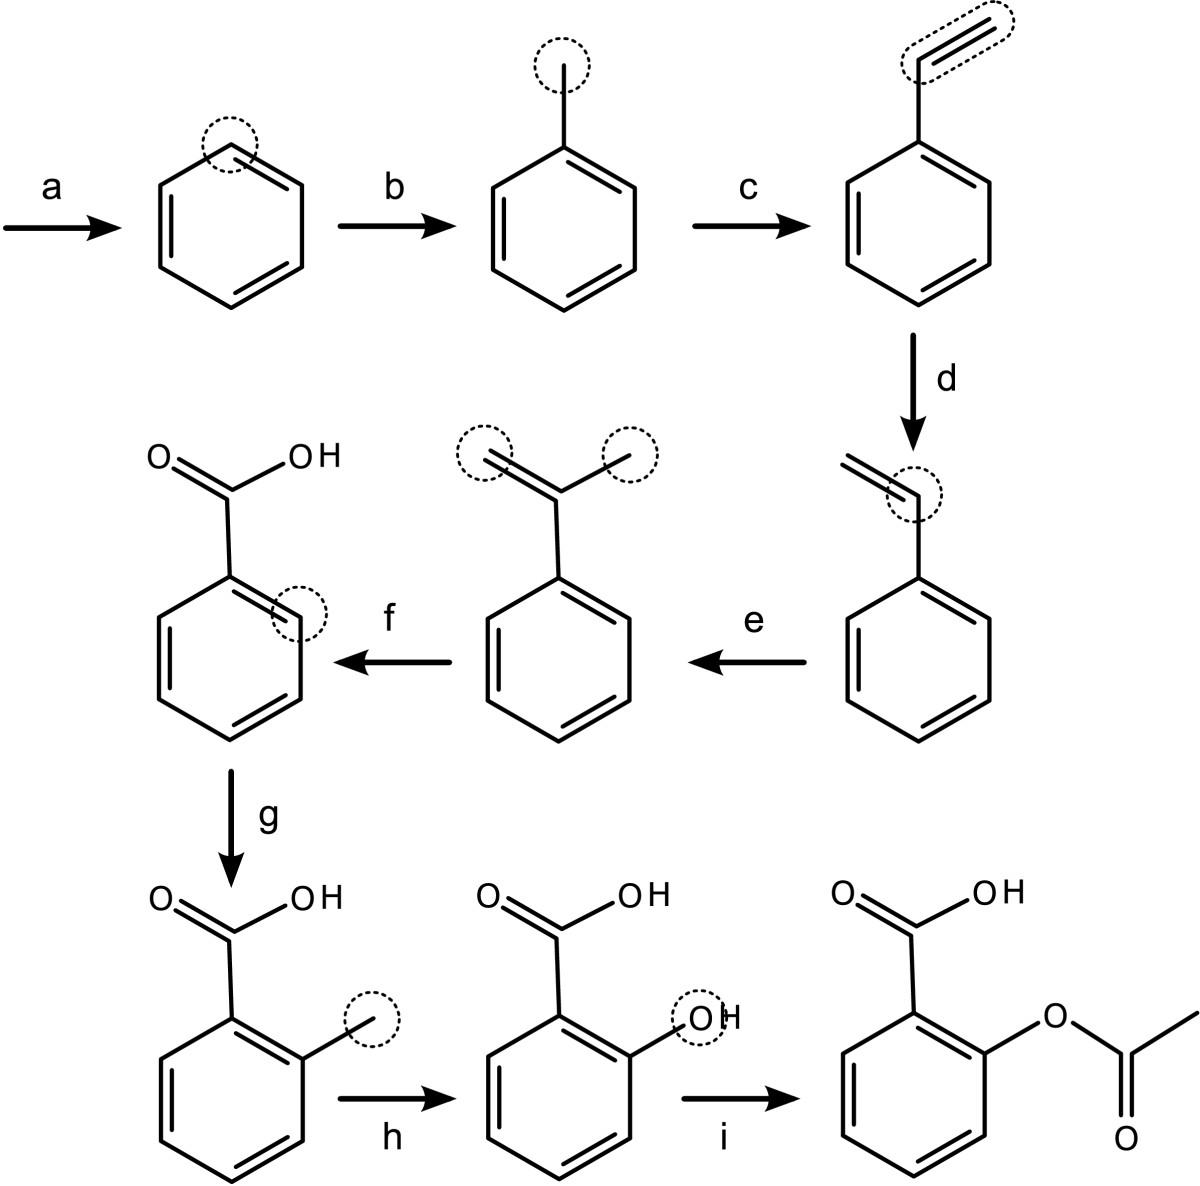 basic primitives for molecular diagram sketching